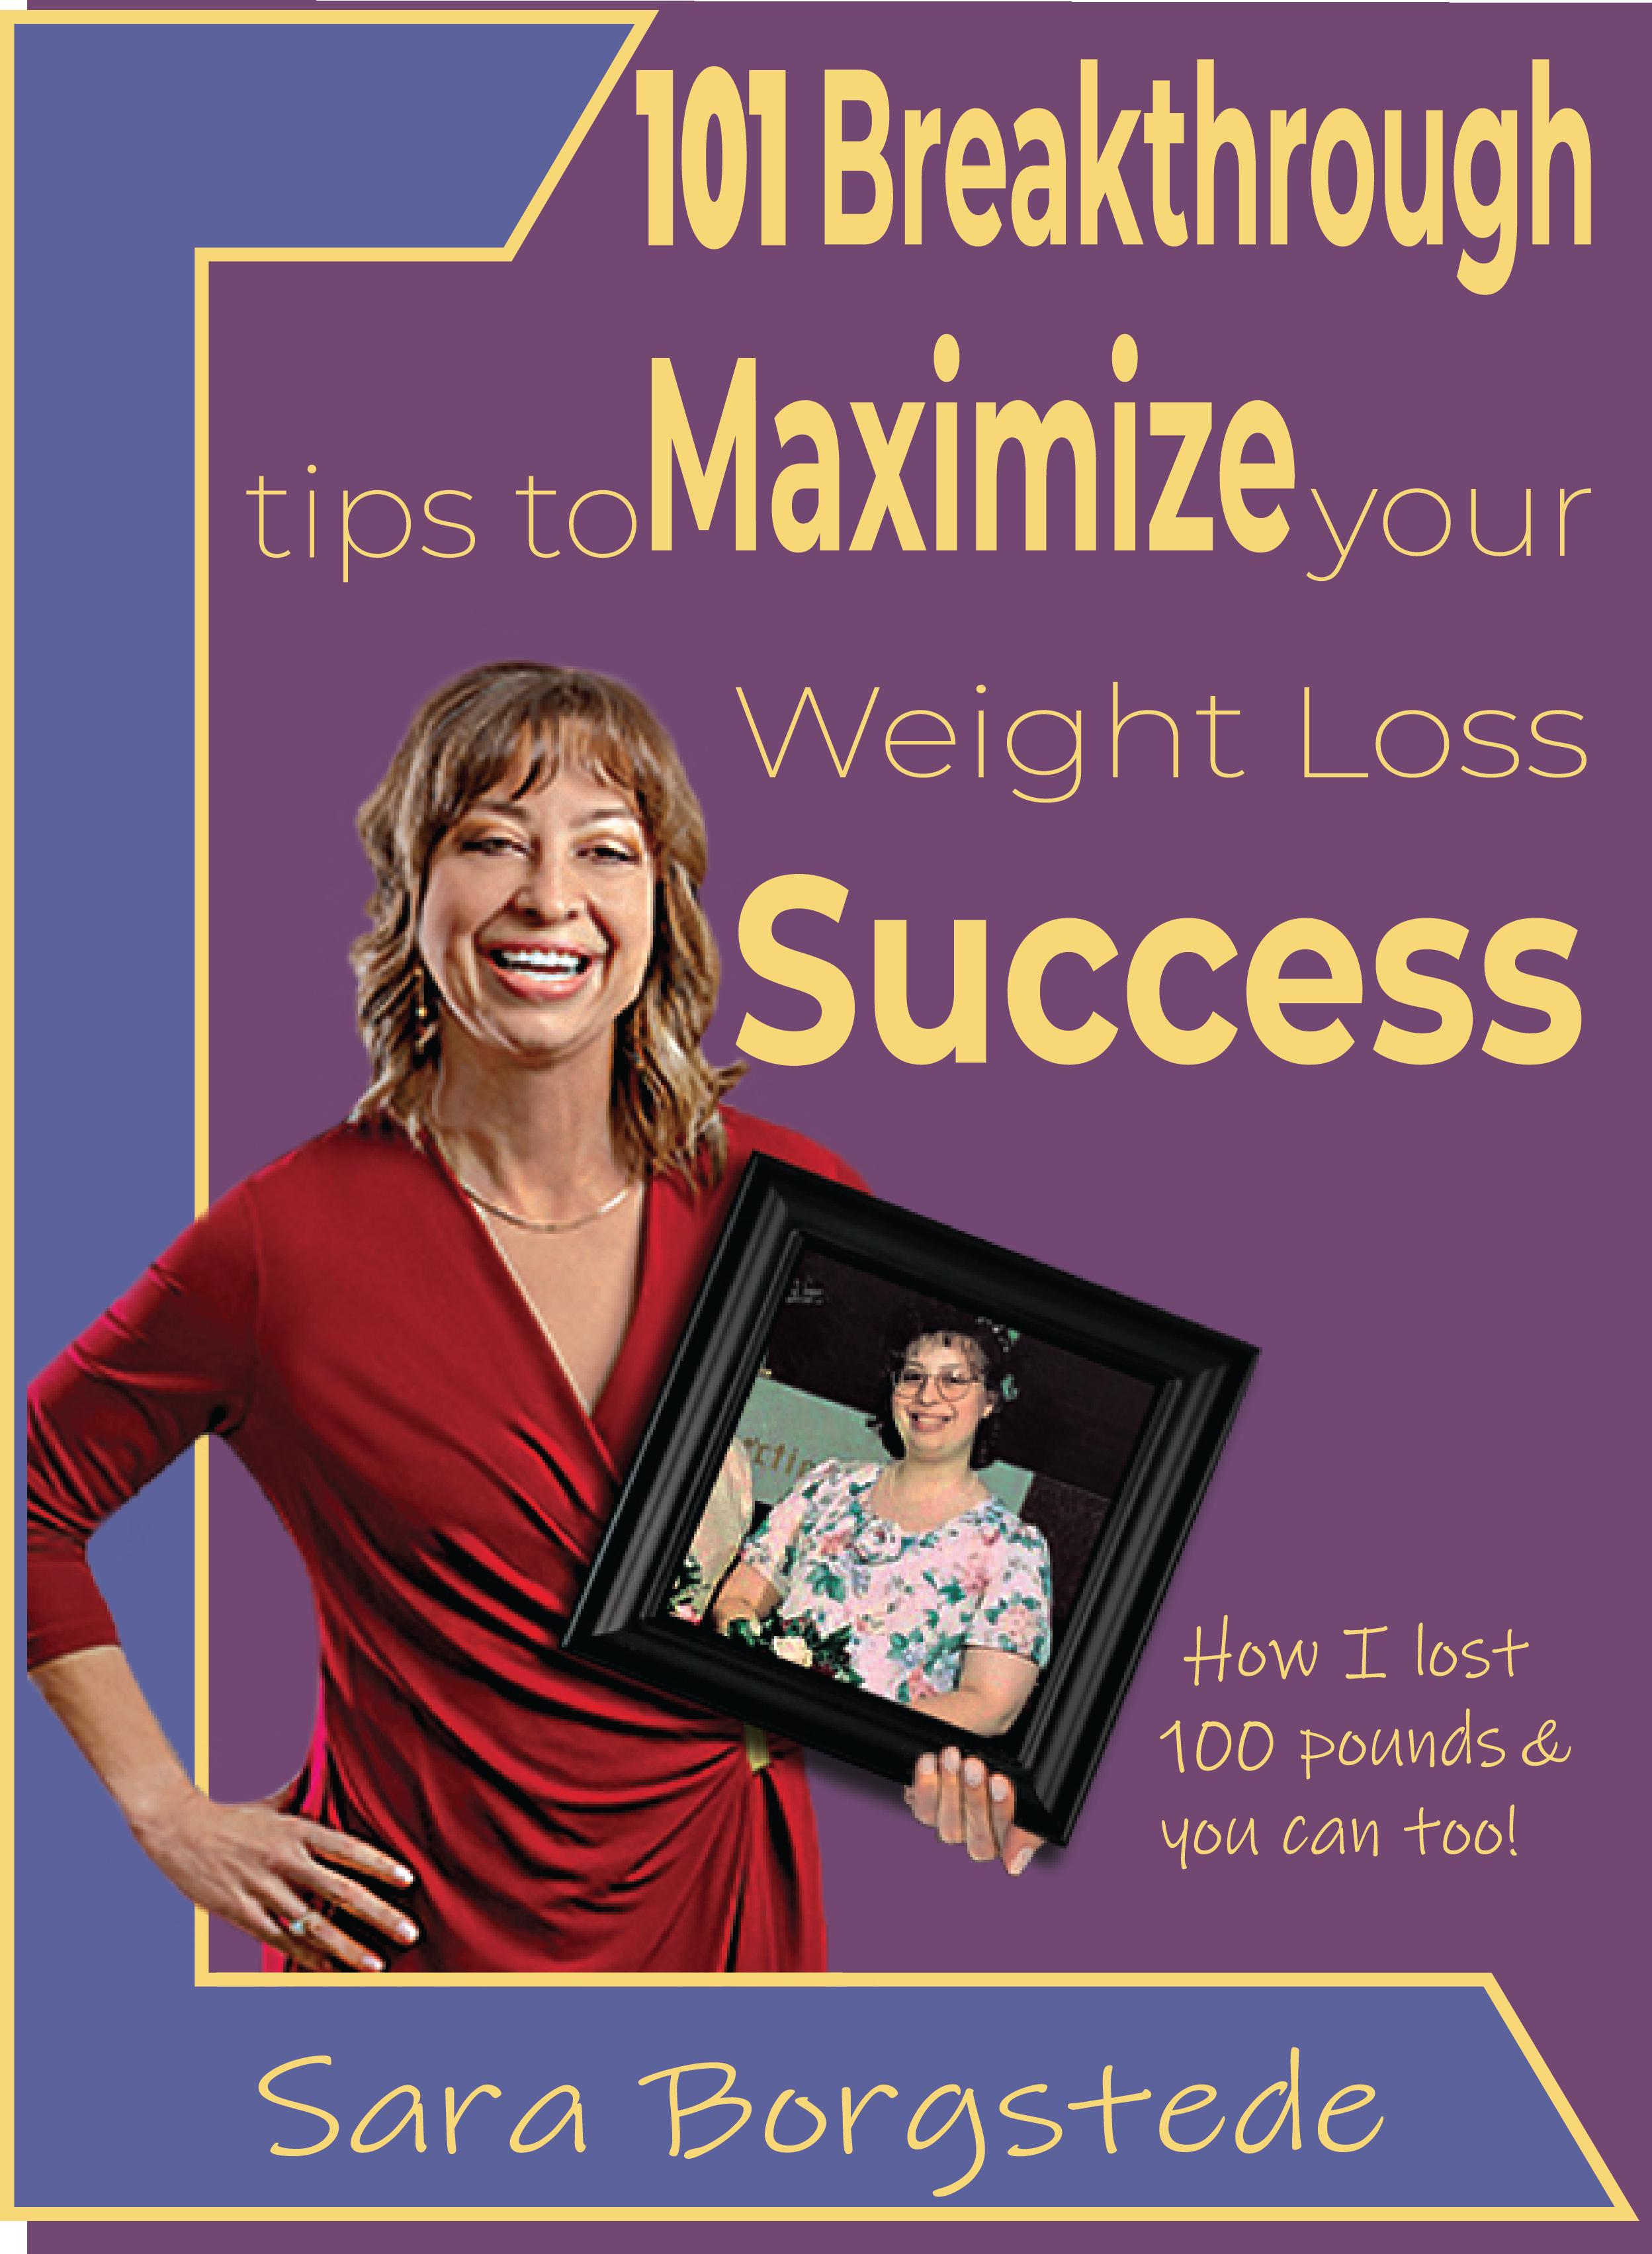 101 Breakthrough Tips to Maximize Your Weight Loss Success E-Book by Sara Borgstede